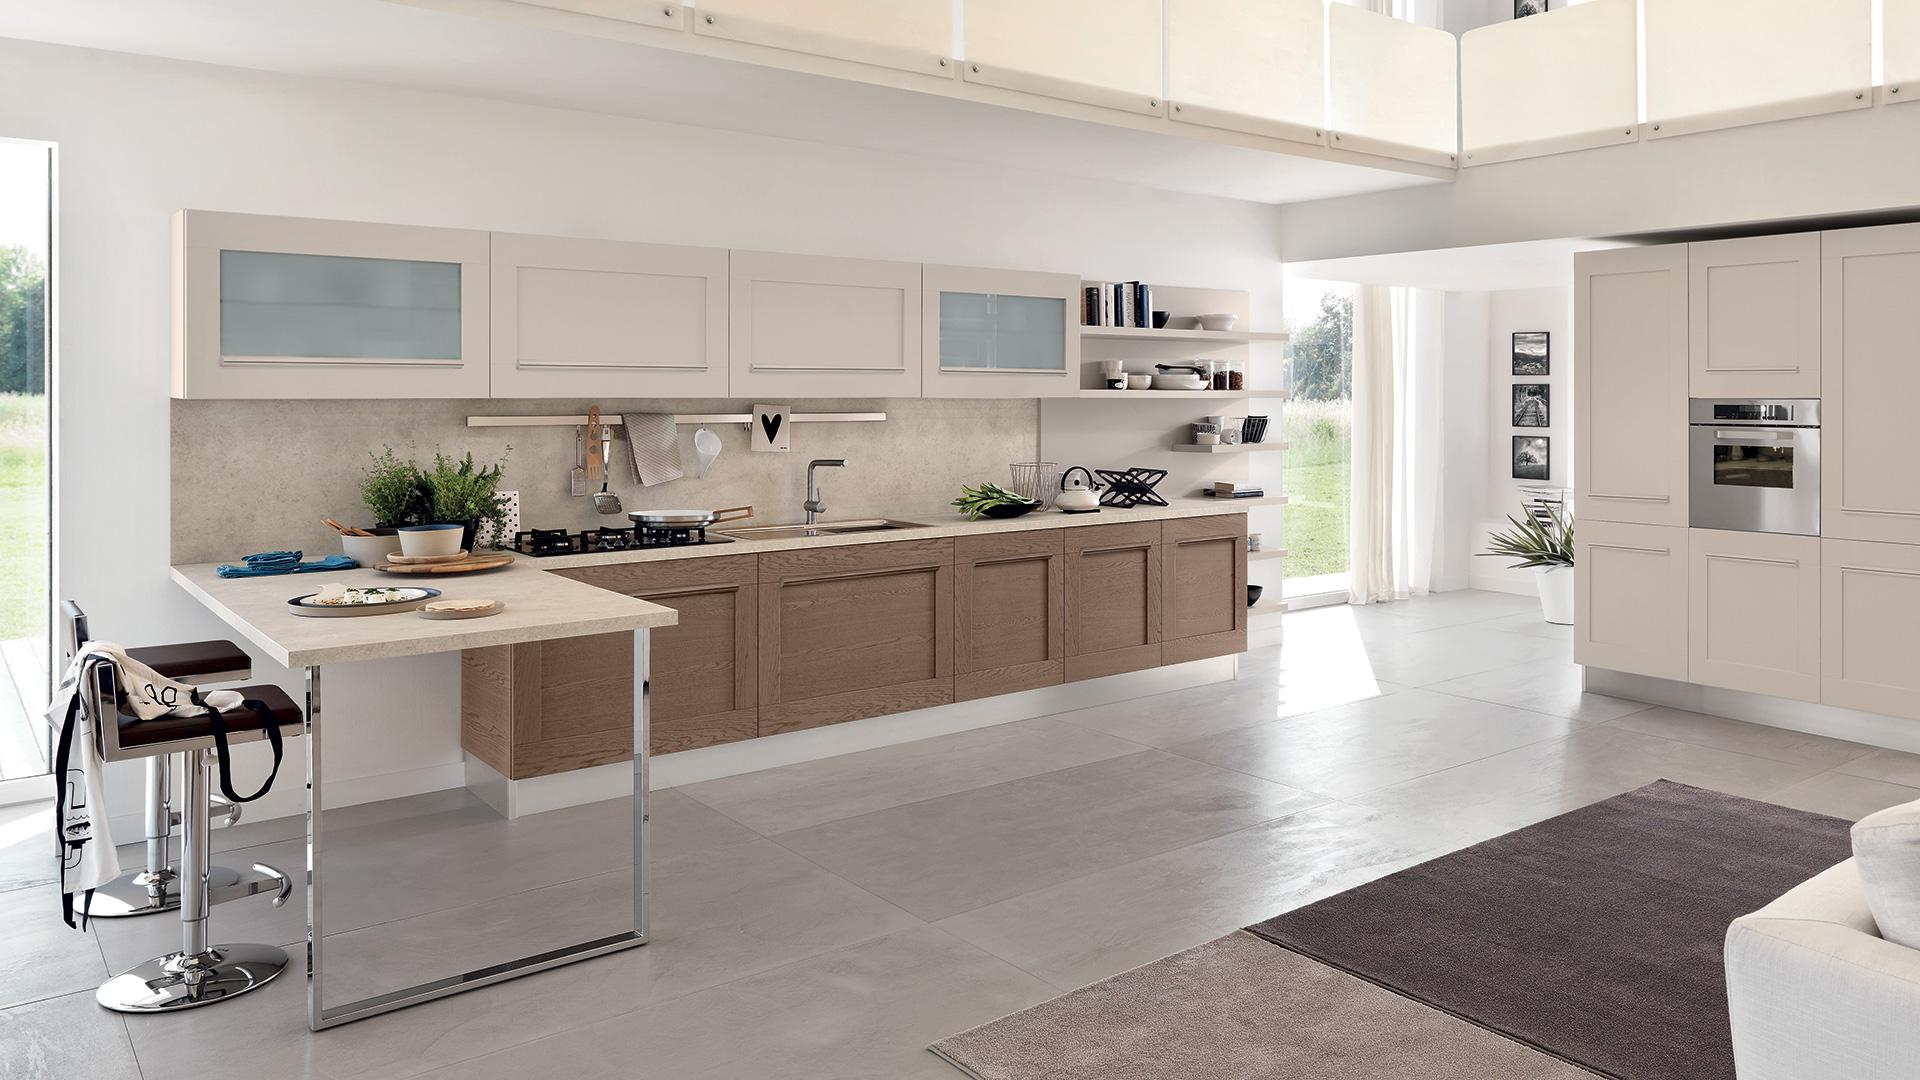 Come scegliere il pavimento per la cucina lube store milano le cucine lube creo a milano - Rivestimento cucina no piastrelle ...